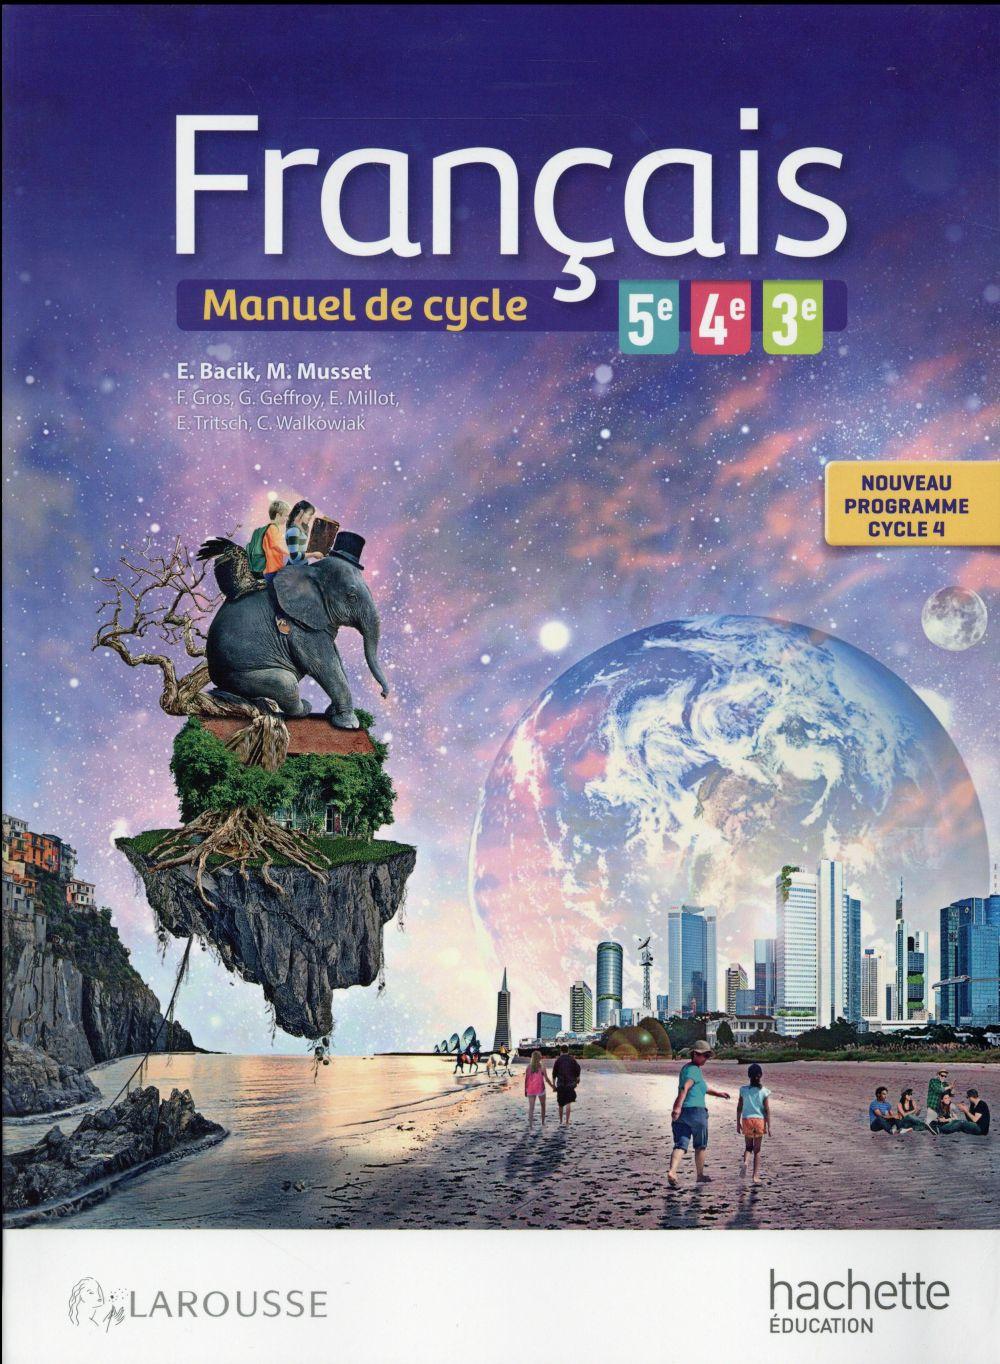 Francais 5eme 4eme 3eme Livre De L Eleve Collectif Hachette Education Grand Format Place Des Libraires